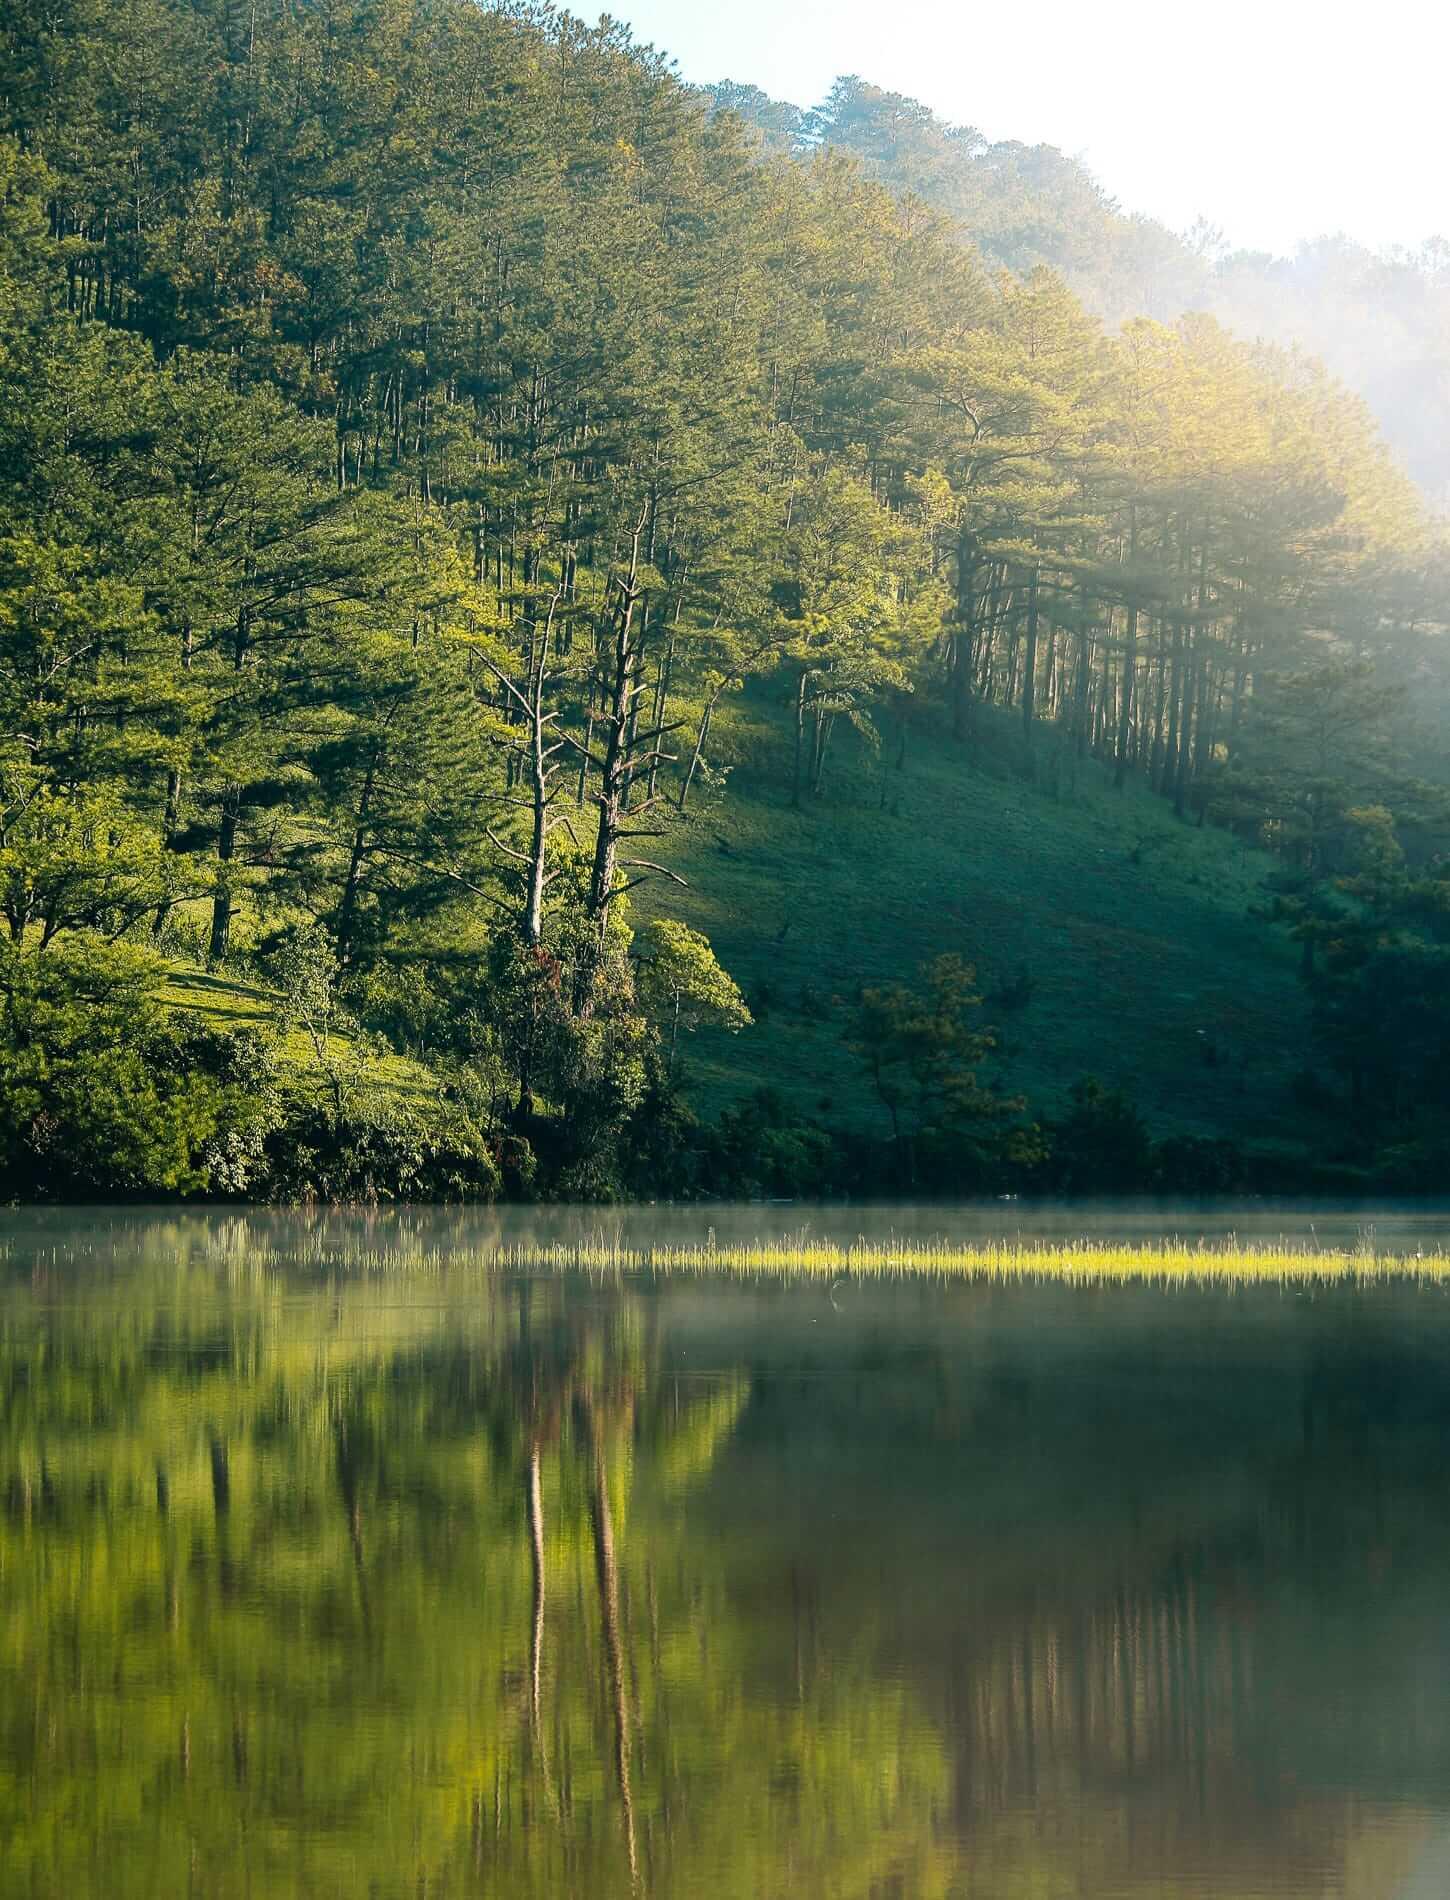 Morning light on Tuyen Lam Lake